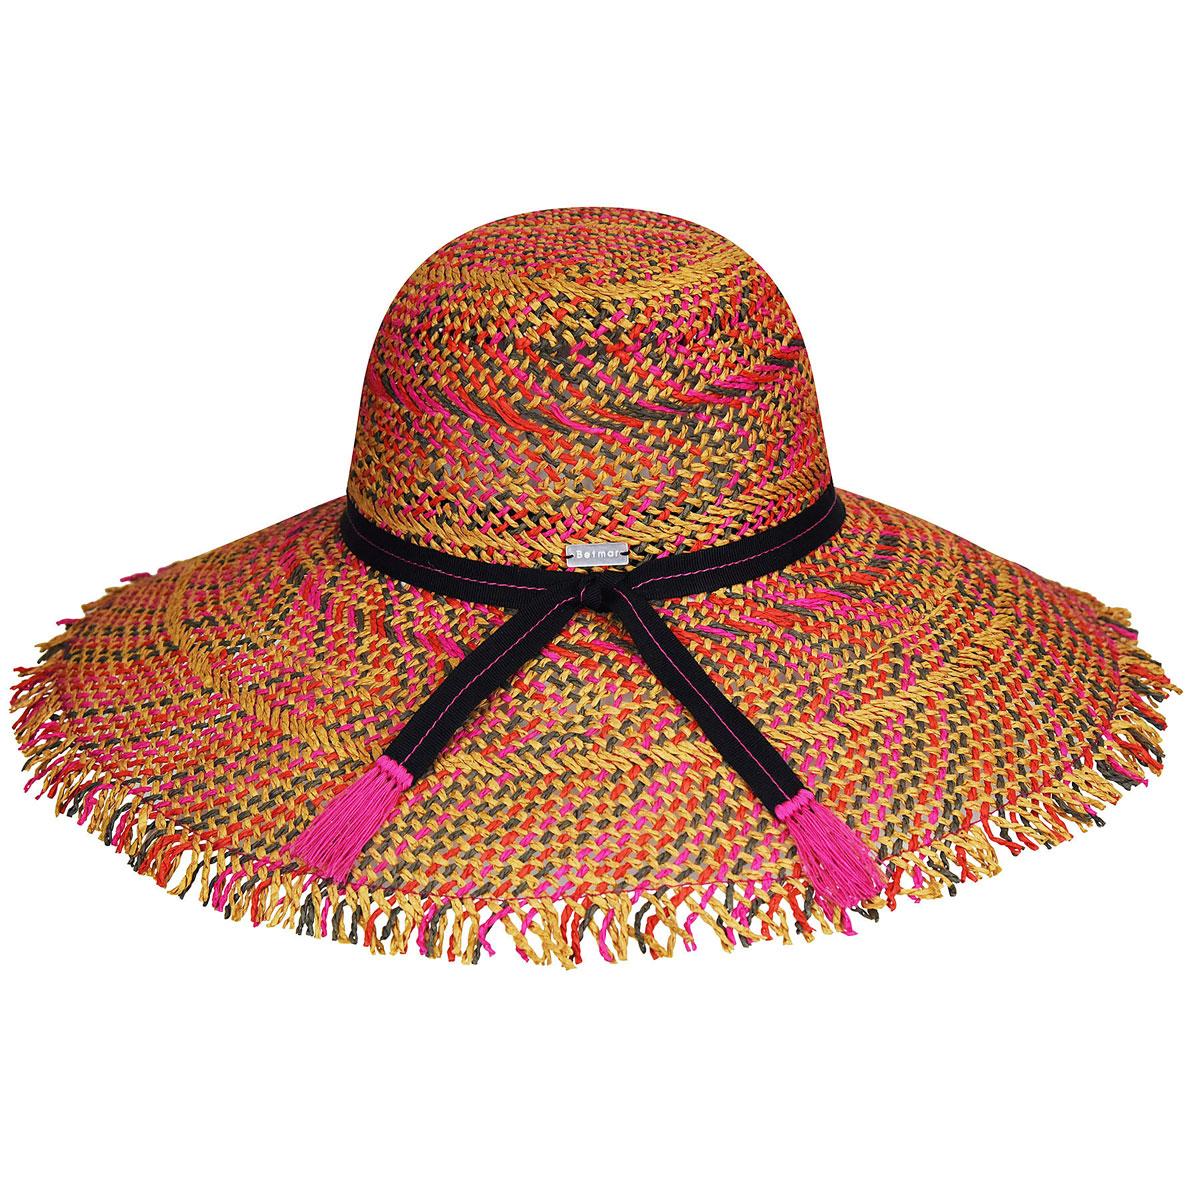 Betmar Tulum Wide Brim Hat in Multi